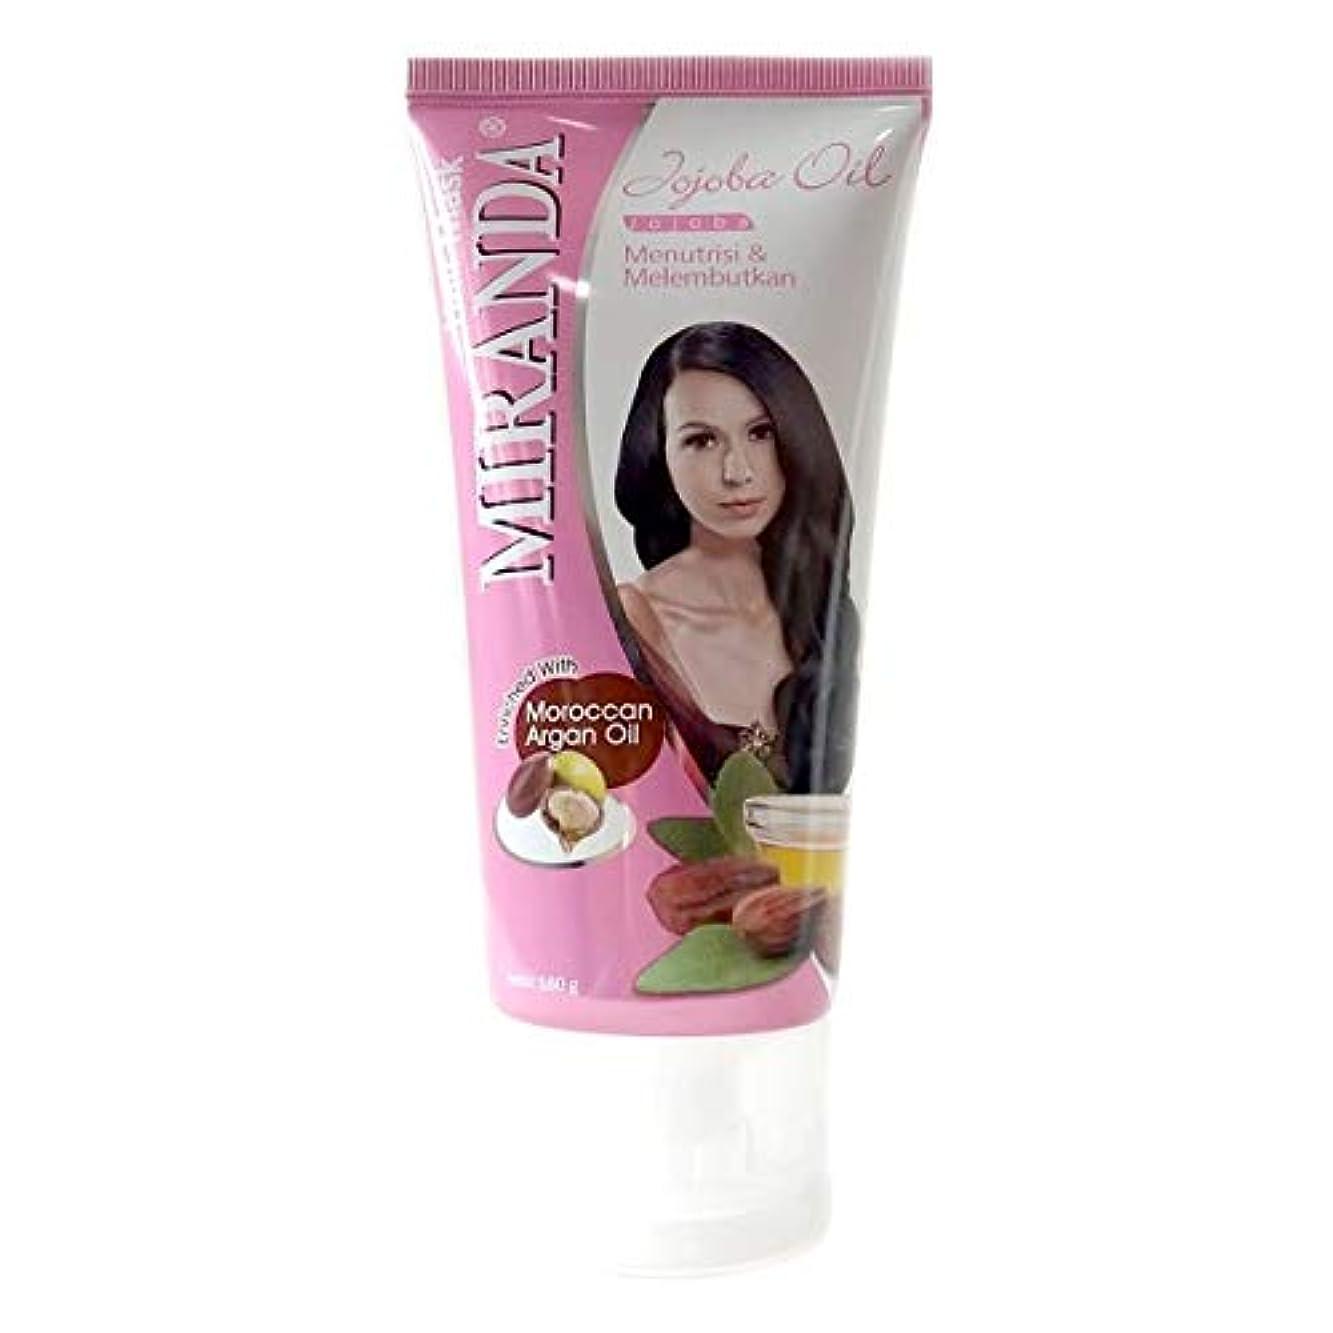 回転する家族免疫MIRANDA ミランダ Hair Mask ヘアマスク モロッカンアルガンオイル主成分のヘアトリートメント 160g Jojoba oil ホホバオイル [海外直送品]